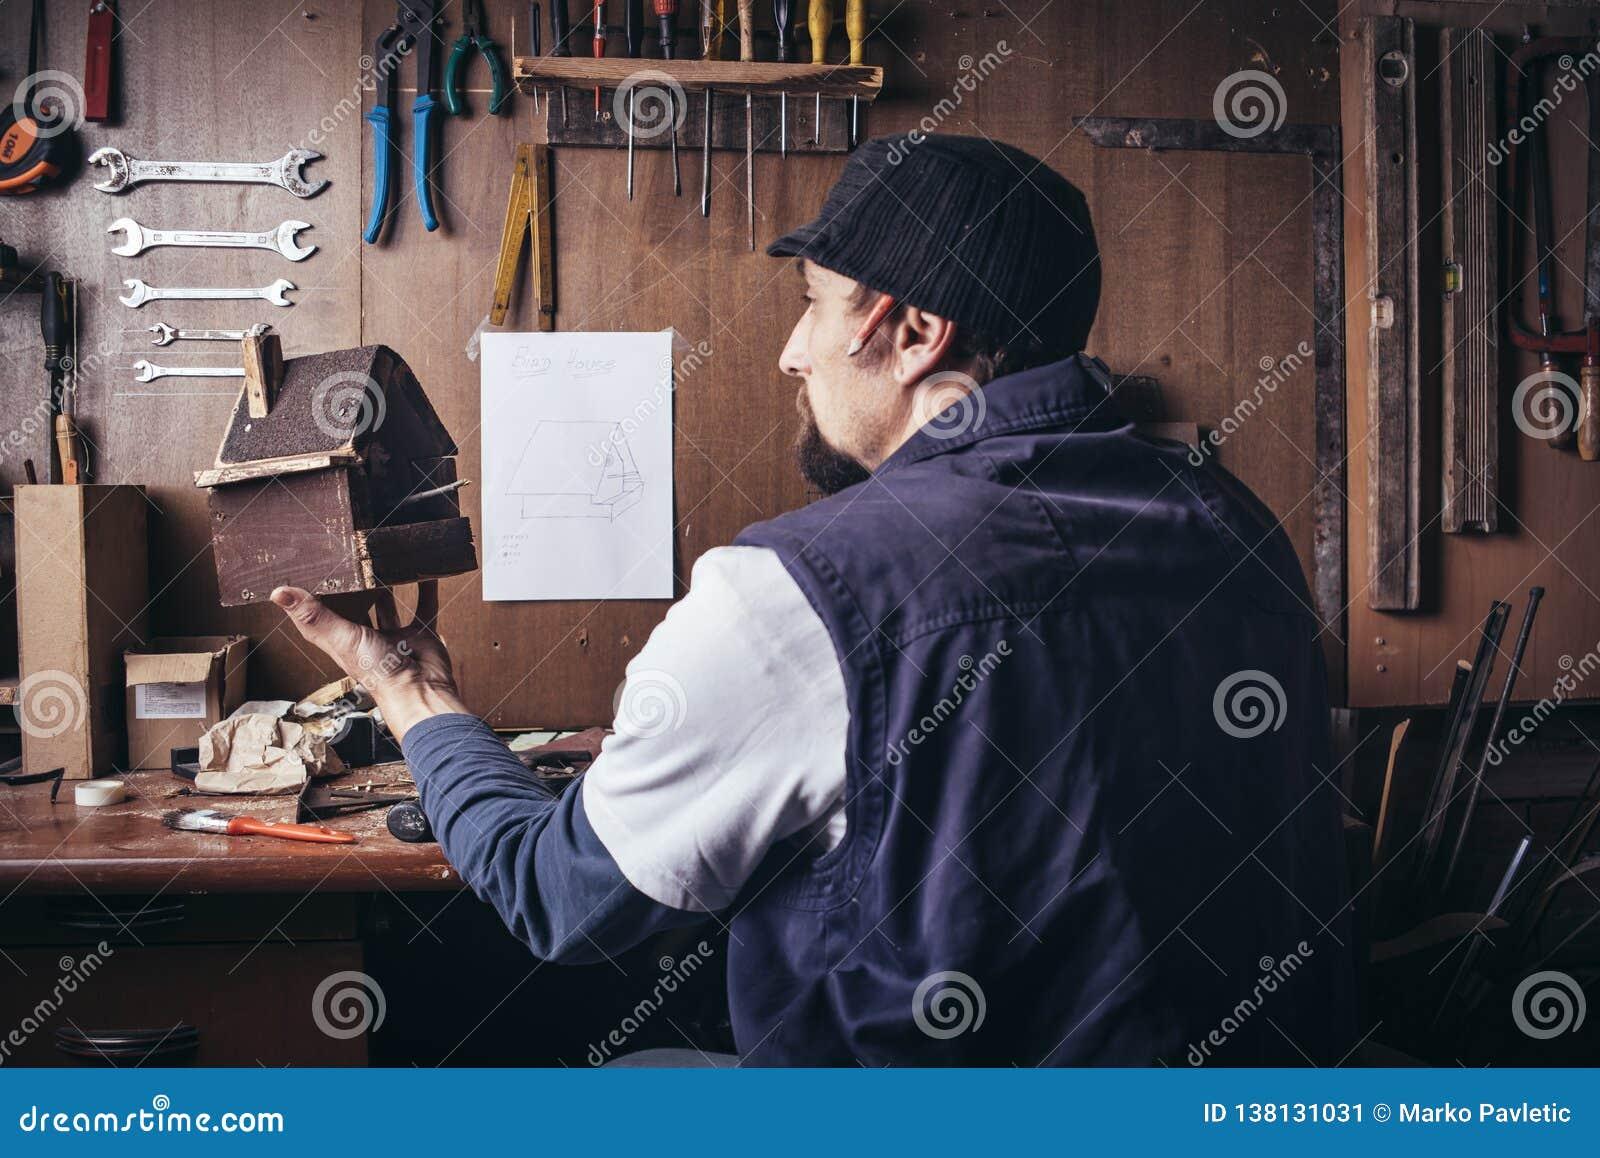 Amateurtischler mit hölzernem Vogelhaus